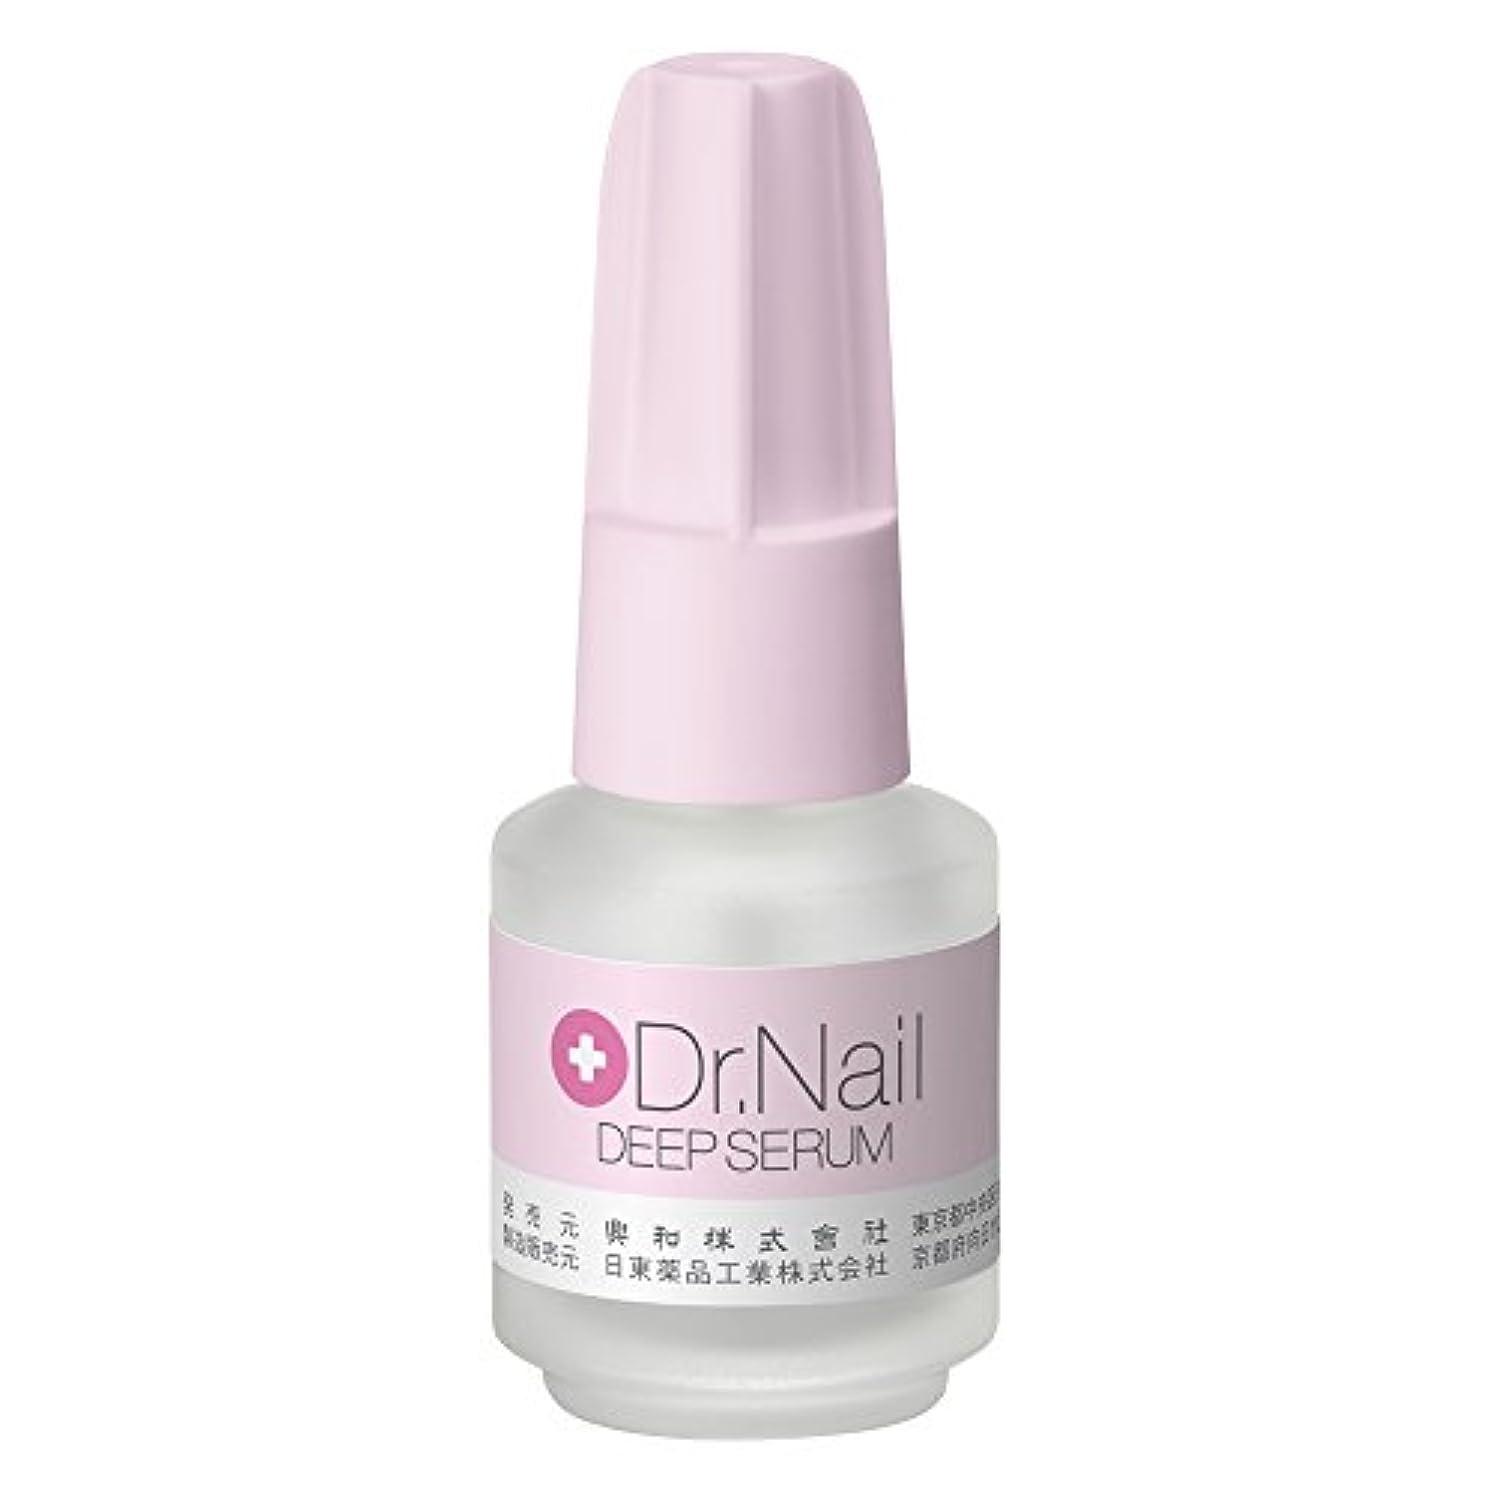 損失条件付き冷淡なDr.Nail ディープセラムローズ 6.6ml